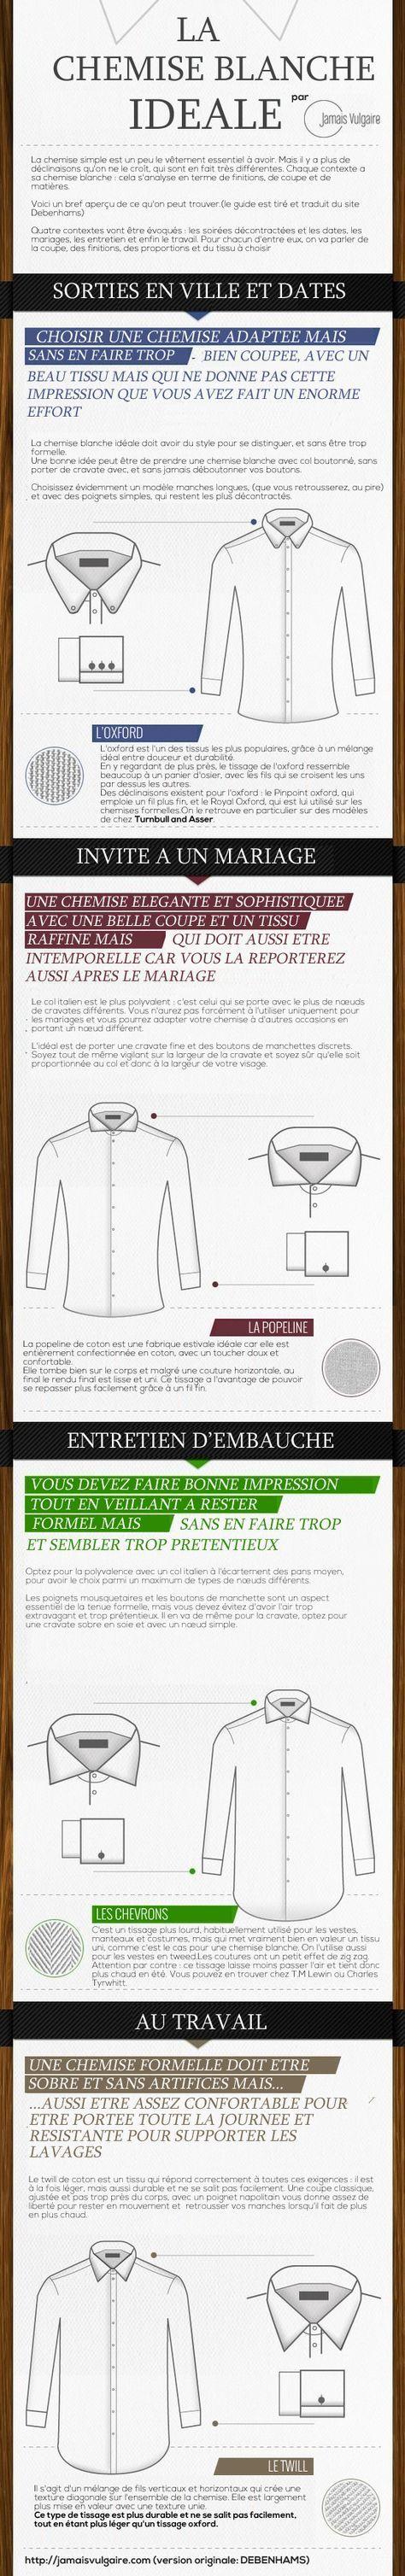 Bien choisir votre chemise en fonction du contexte - JAMAIS VULGAIRE, blog mode homme, magazine et relooking online